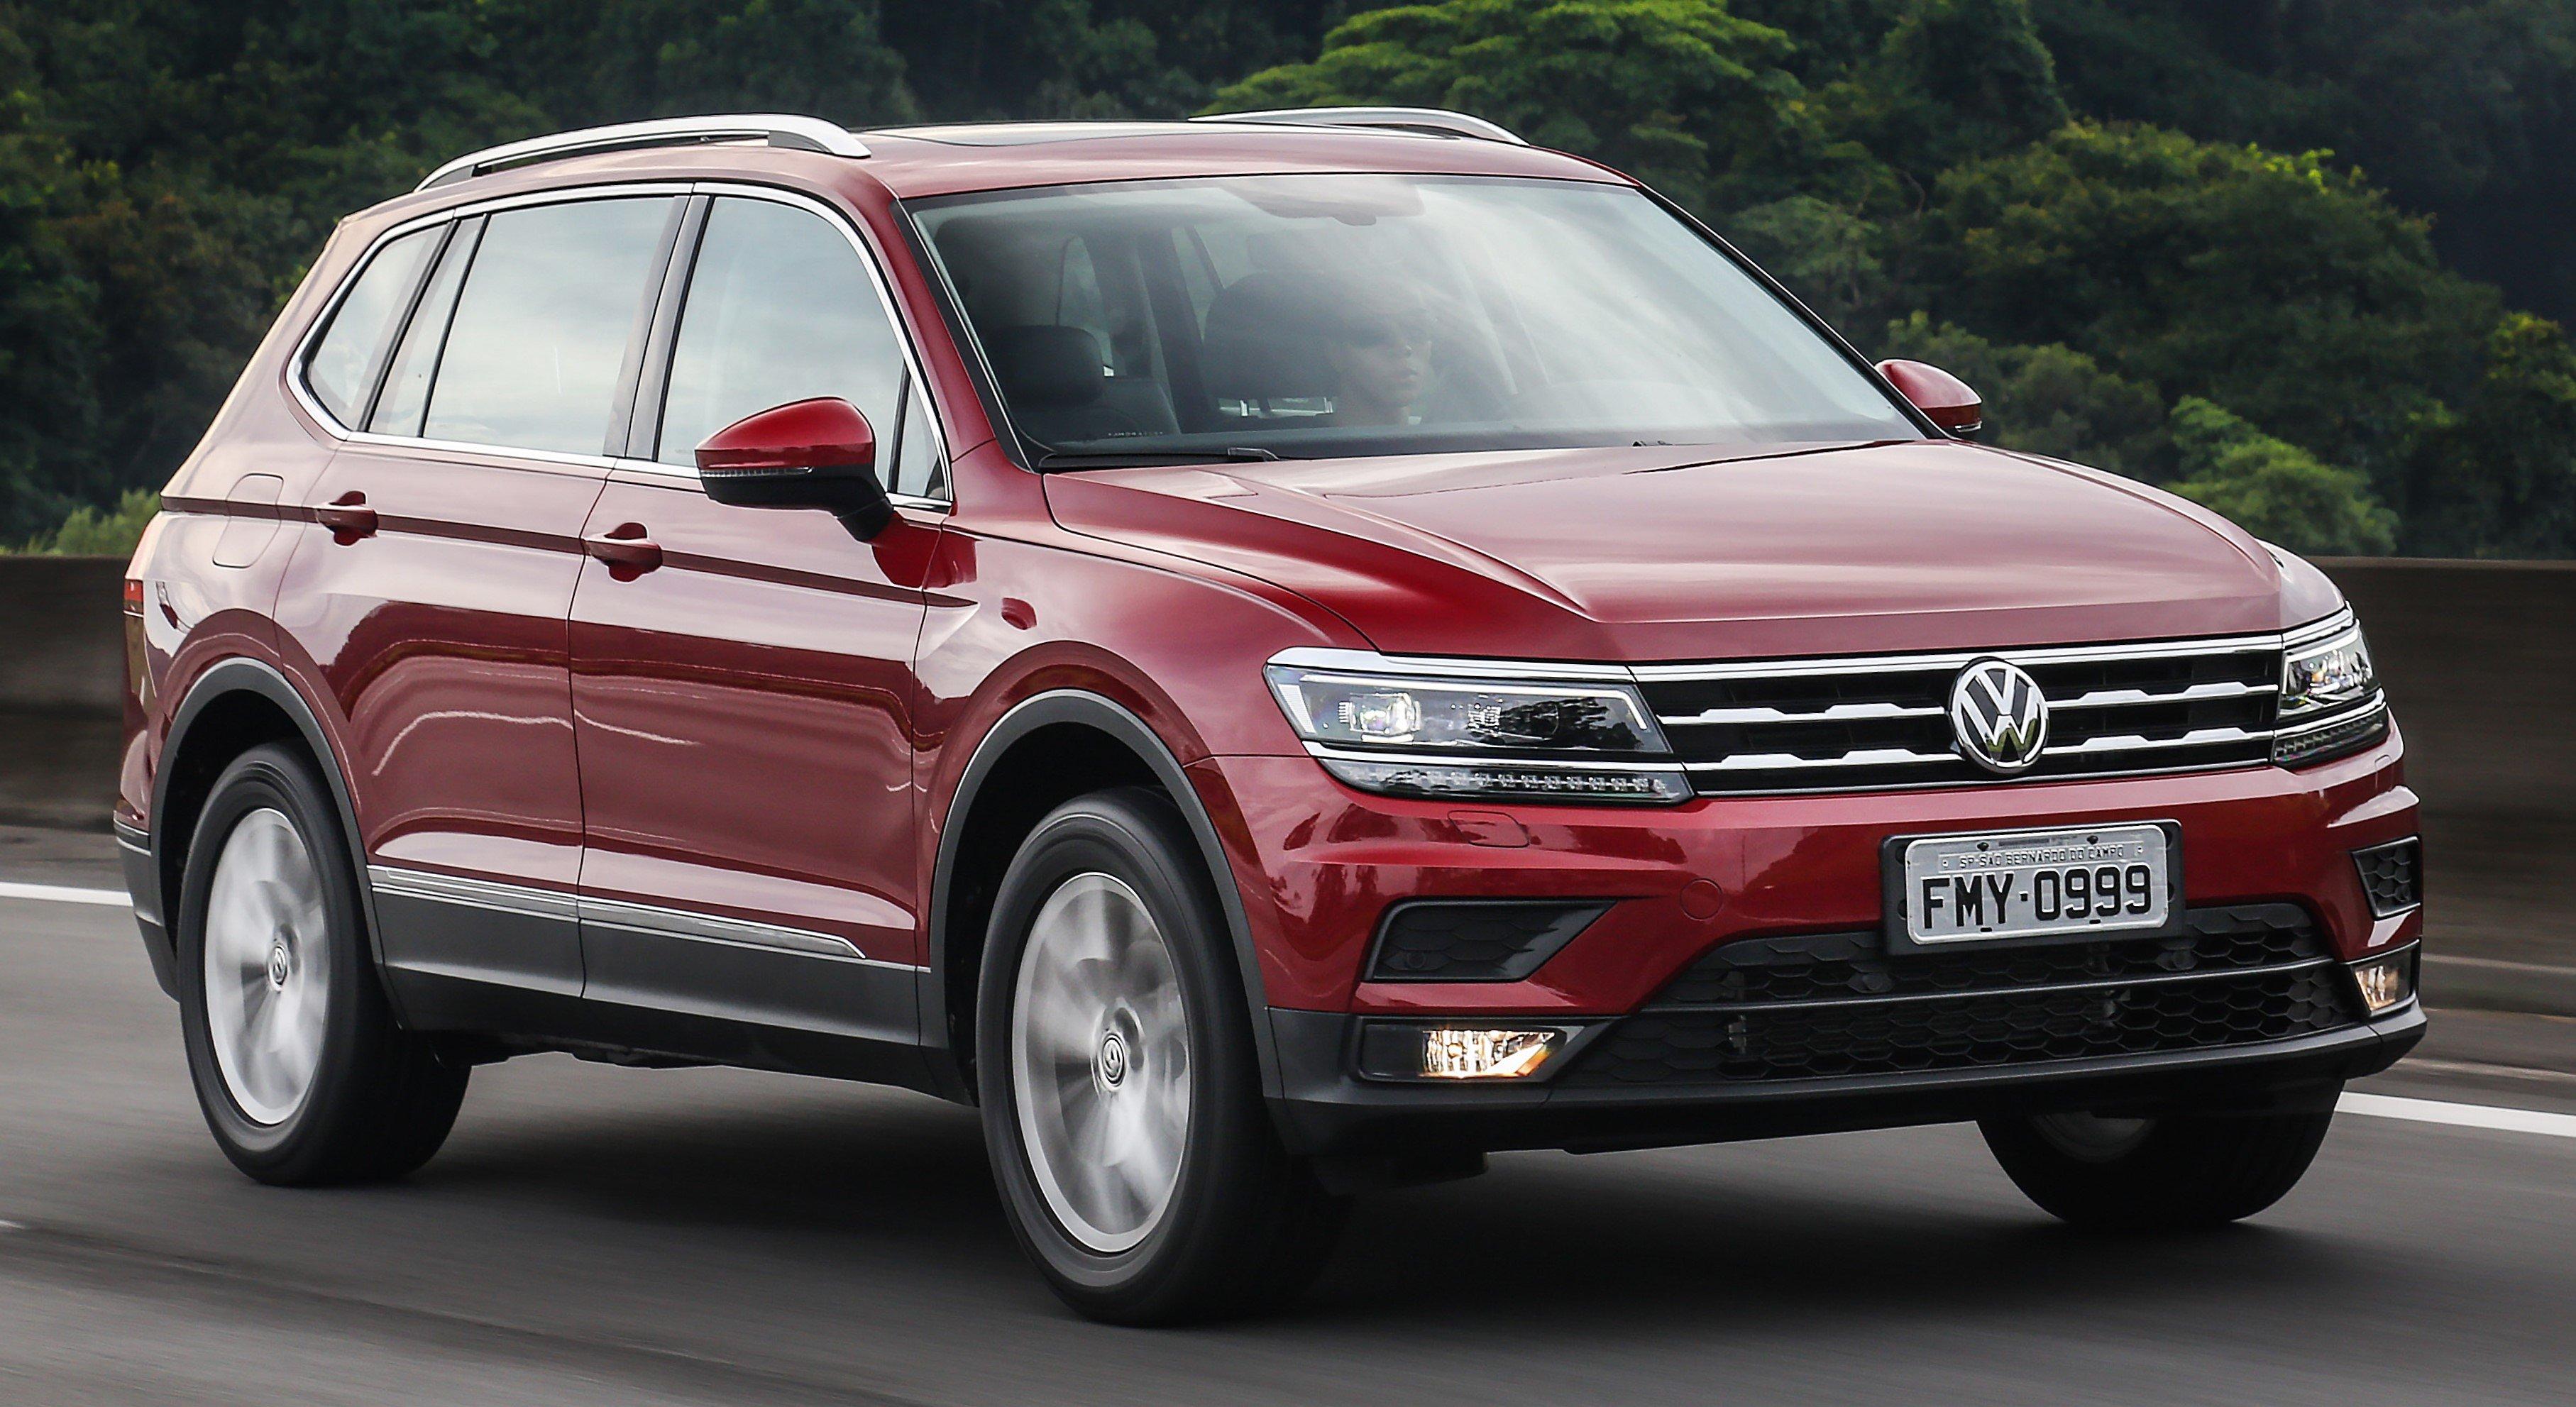 Volkswagen celebra 5 milhões de unidades produzidas do Tiguan: sucesso no Brasil e no mundo